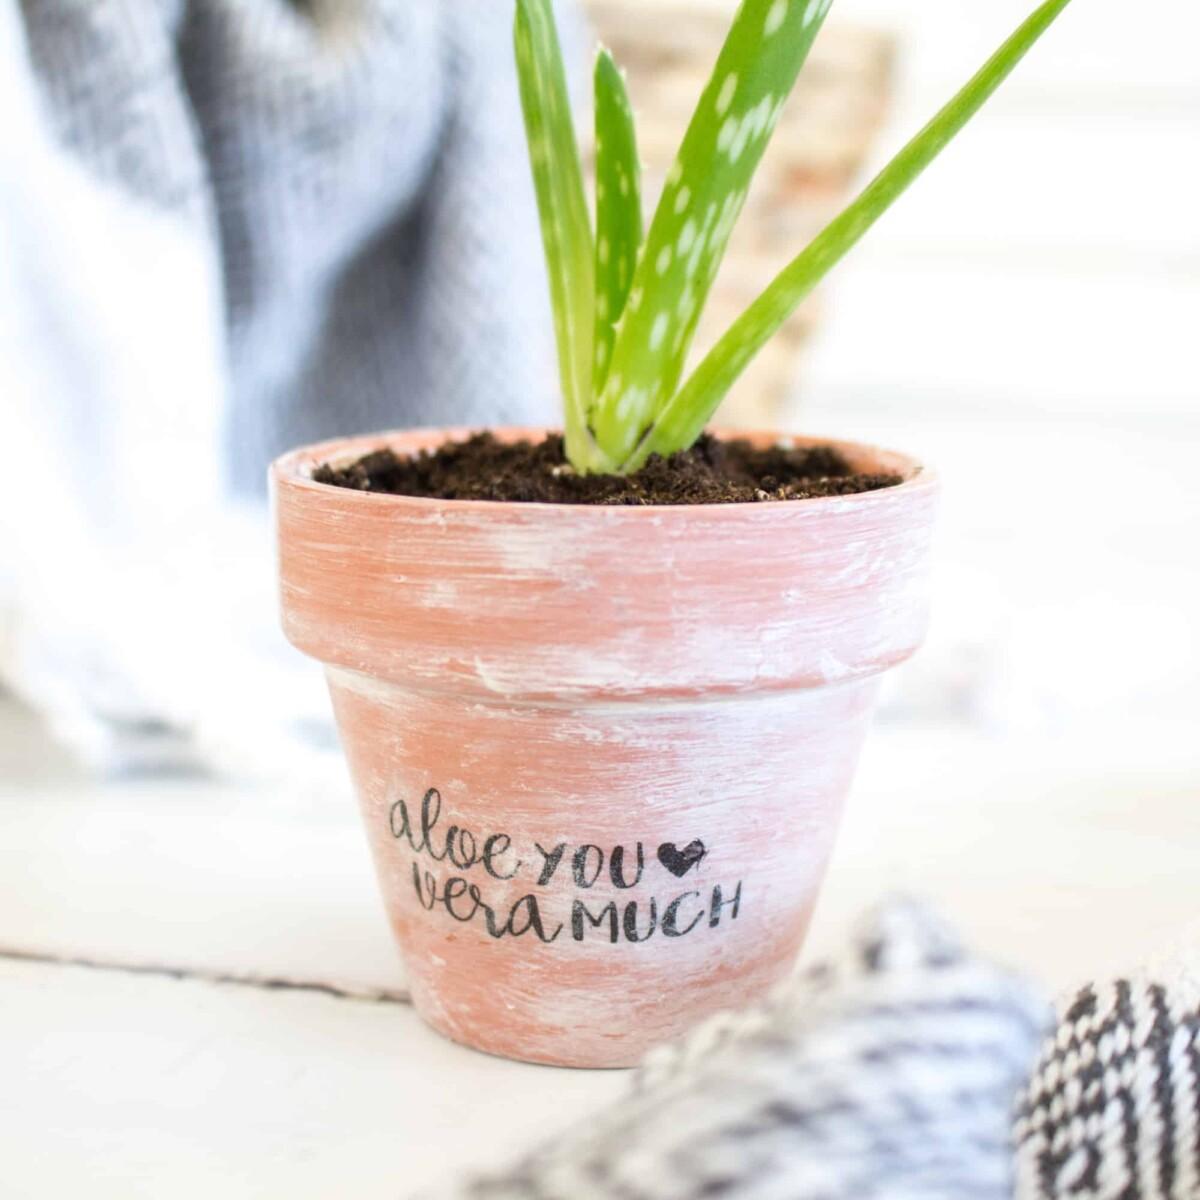 Aloe You Vera Much Planter Pot